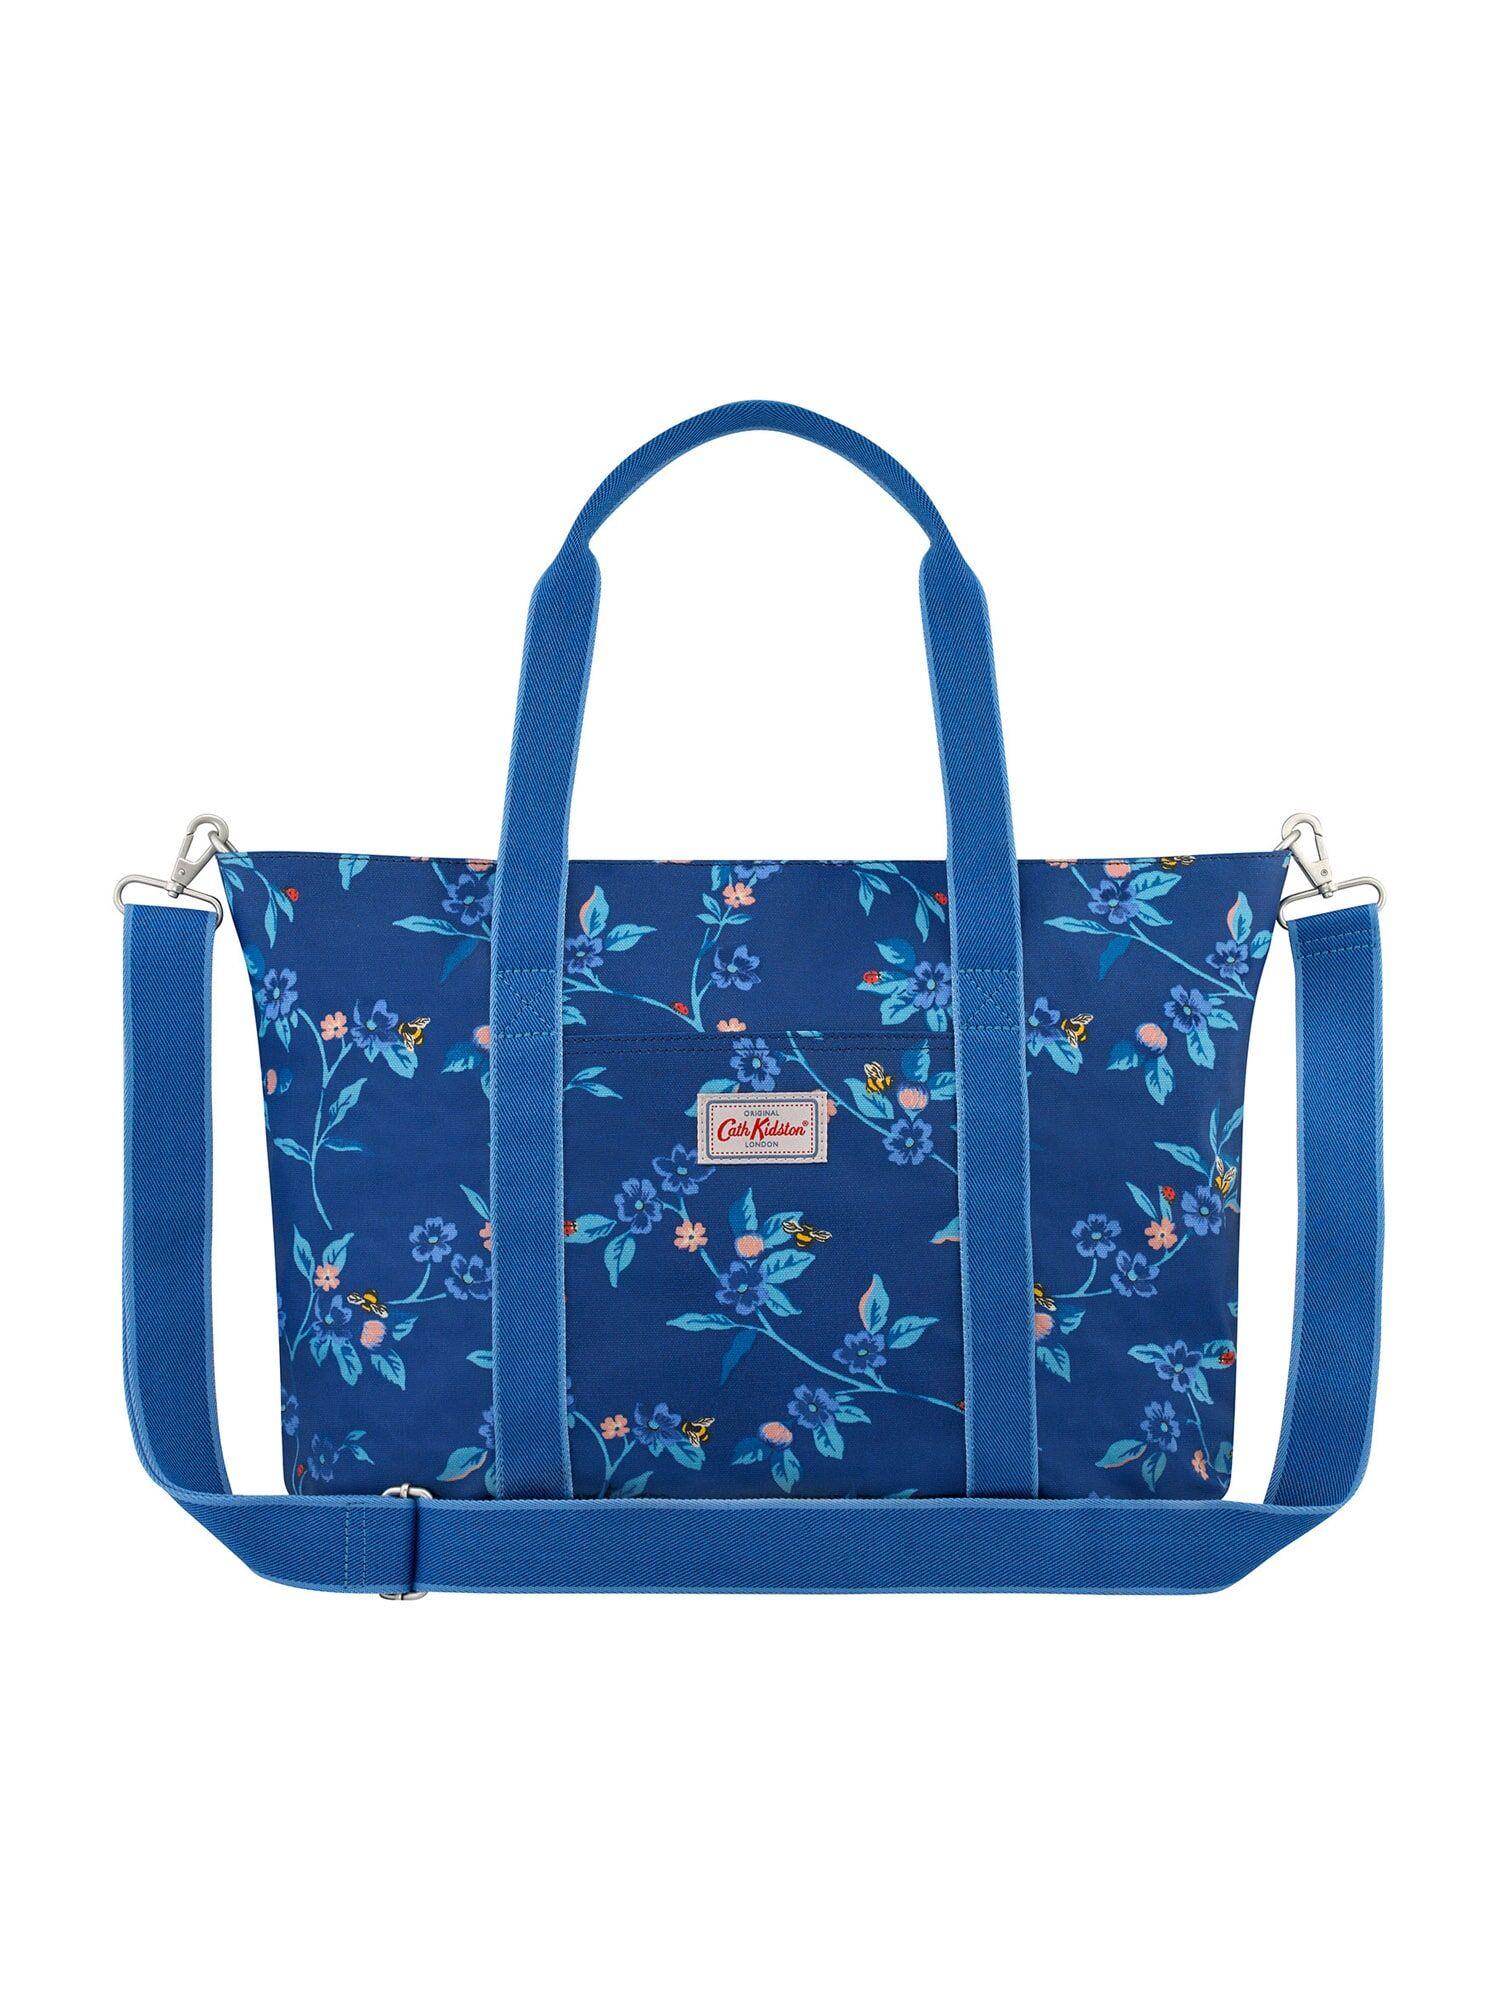 cath kidston borsa fasciatoio blu